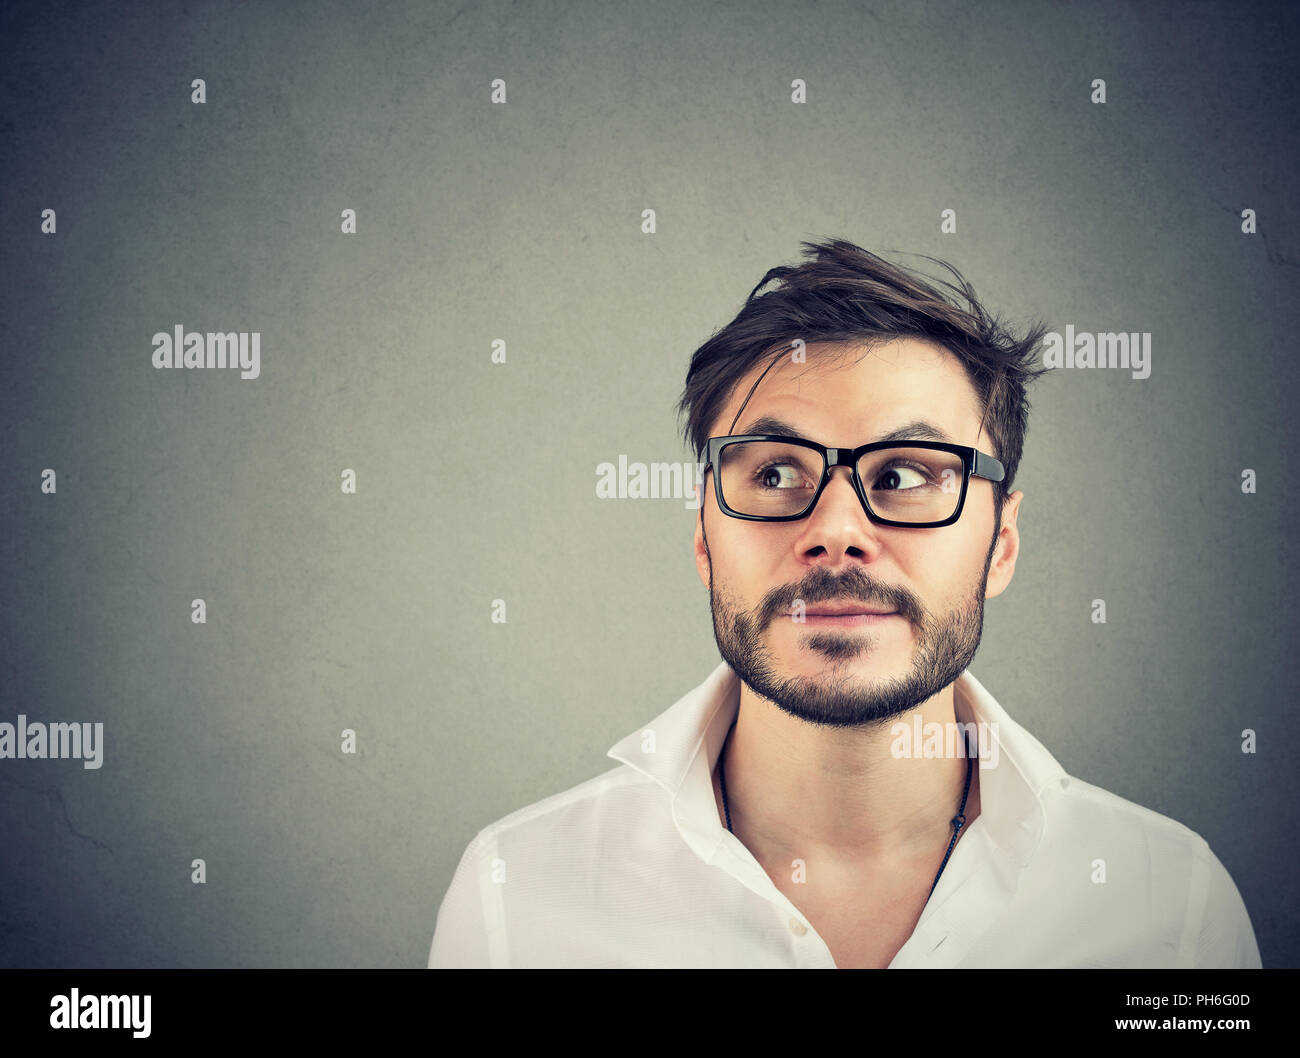 Apuesto hombre barbado mirando hacia arriba en la contemplación la toma de decisión sobre fondo gris Imagen De Stock